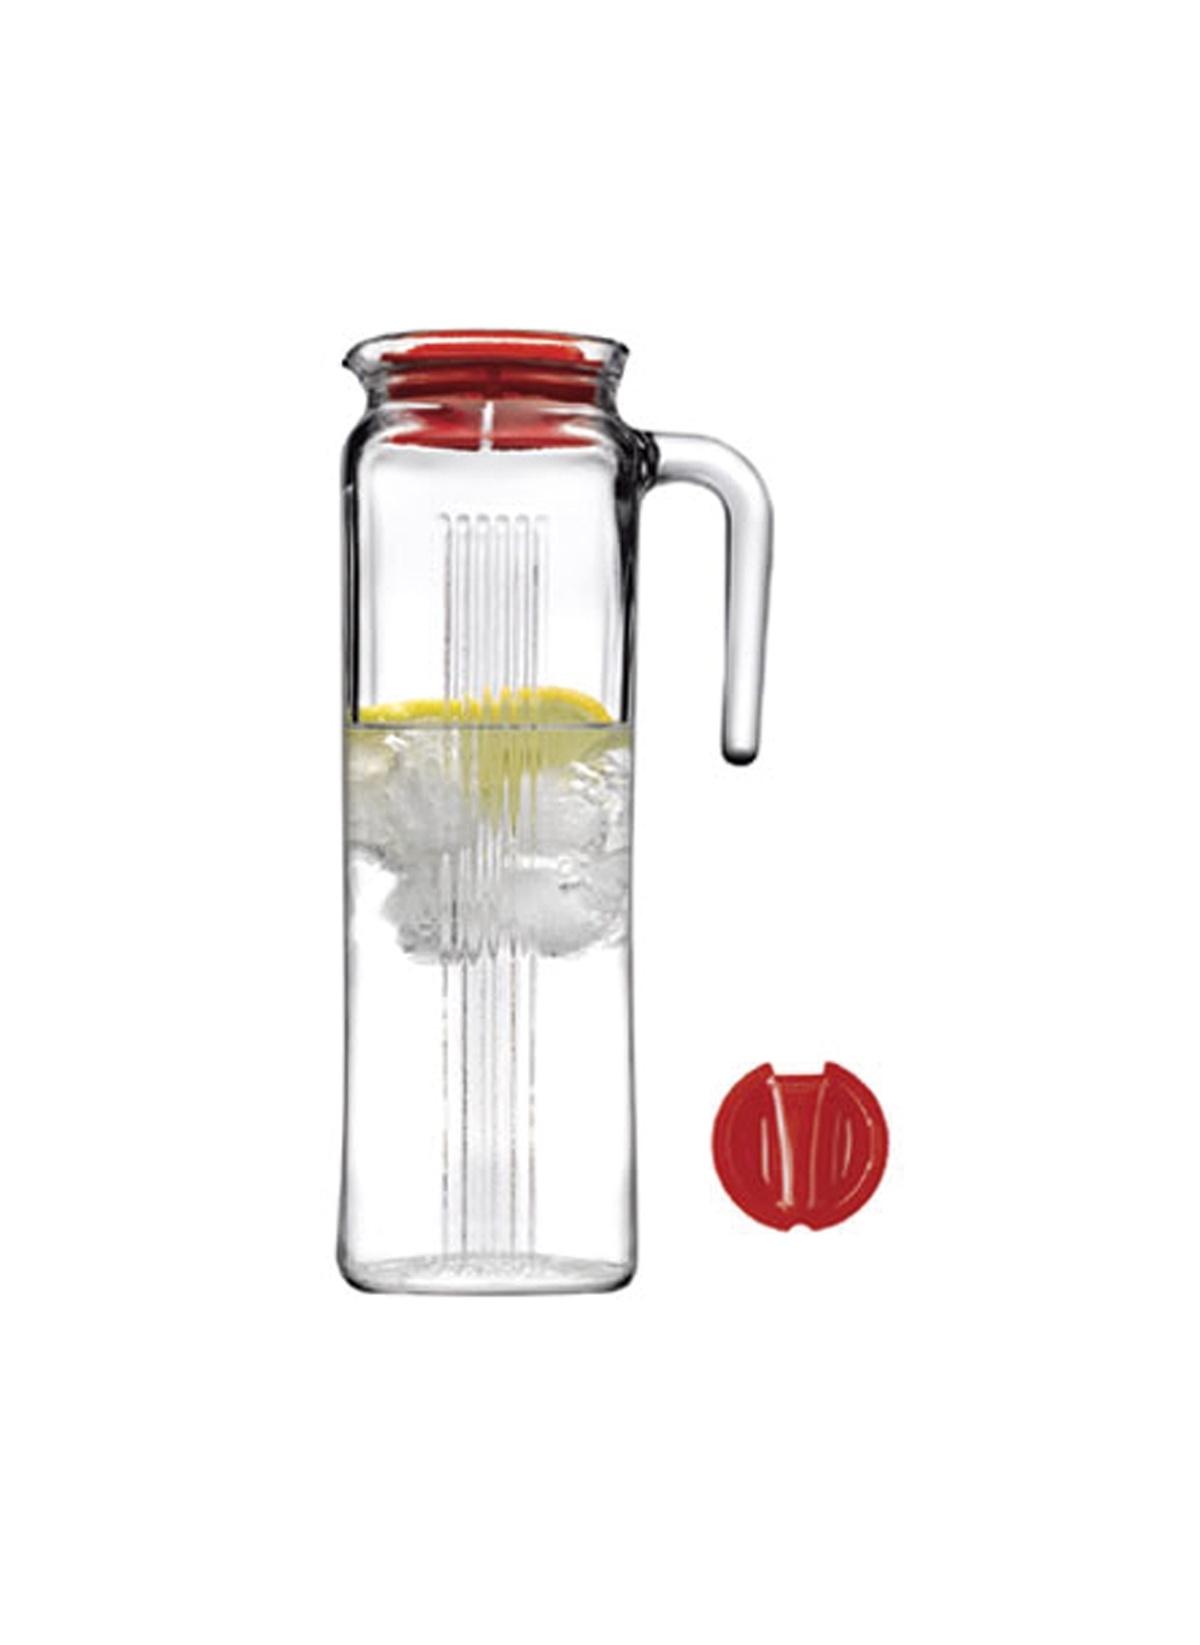 Standart Paşabahçe Kırmızı Kapaklı Buzdolabı Sürahisi